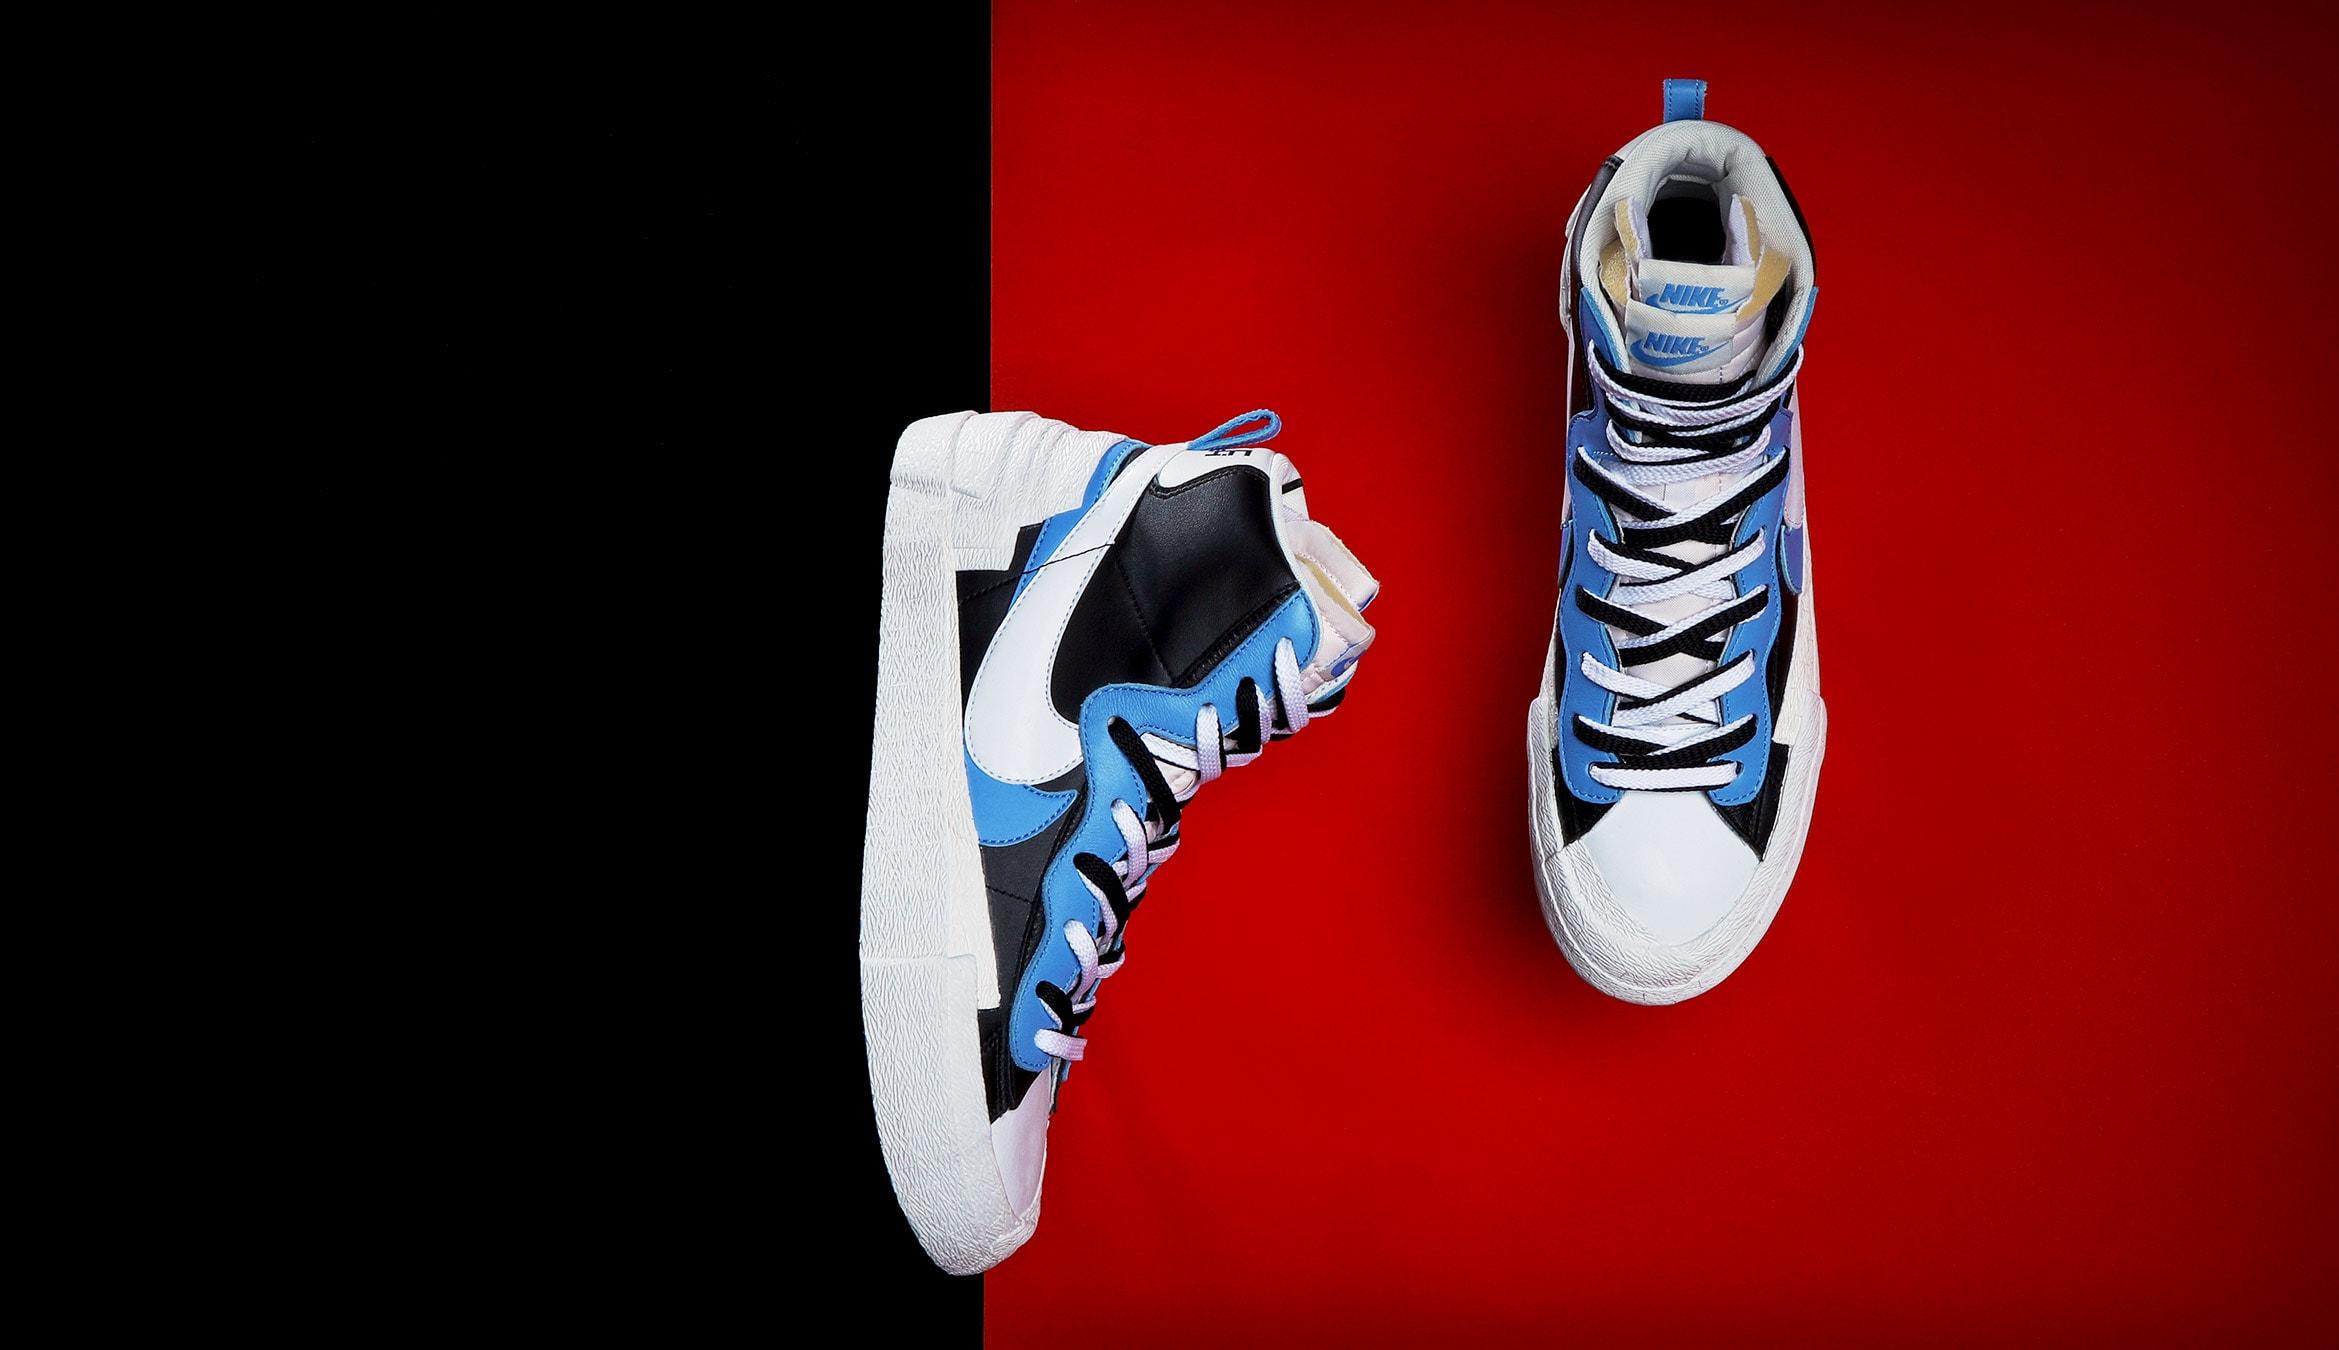 END. Features | Nike x Sacai Blazer Mid